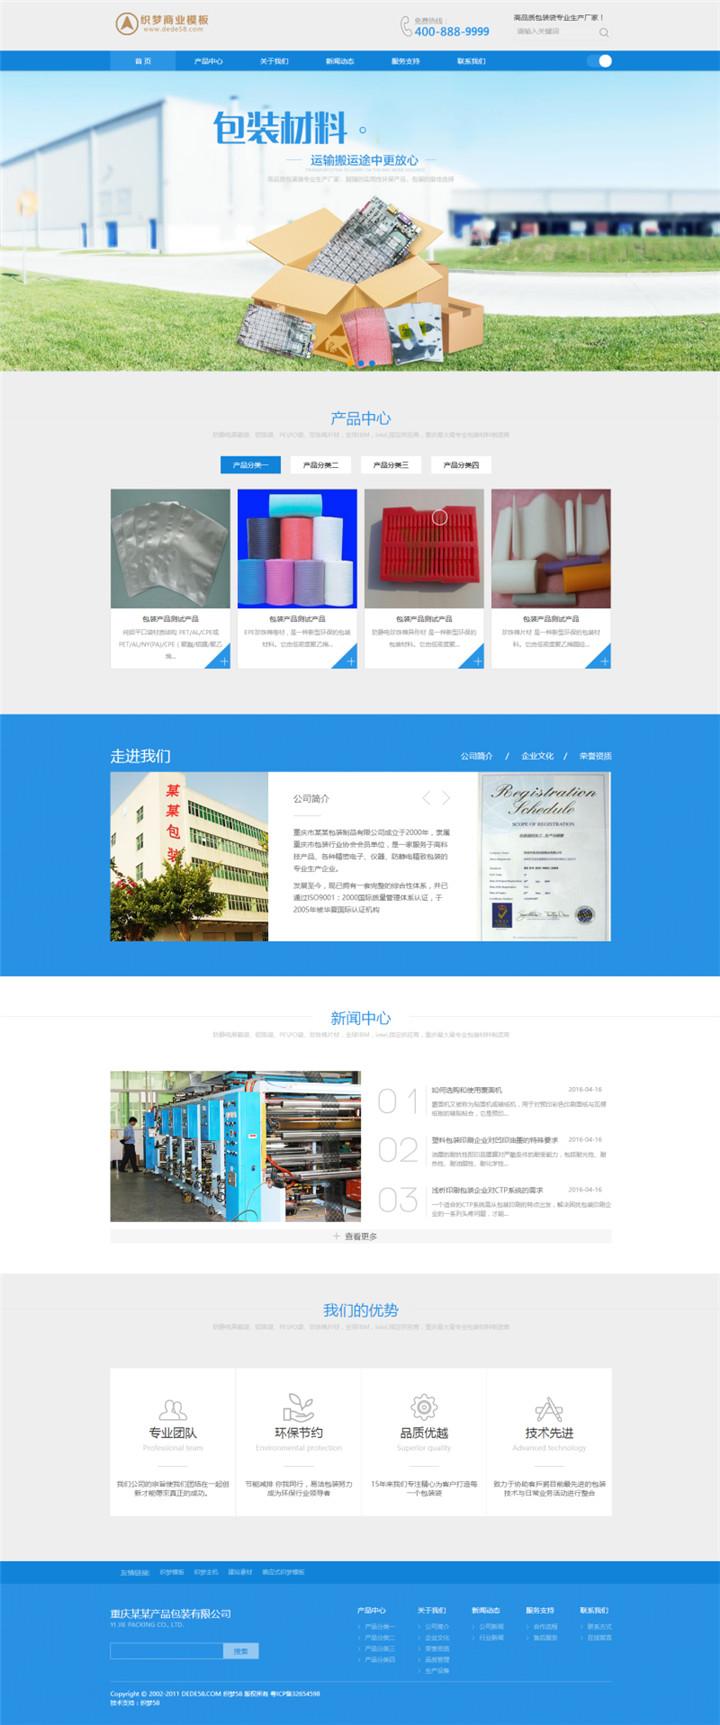 爱上源码网文章dedecms包装材料-建筑材料类企业模板(带手机版)营销型整站源码下载的内容插图